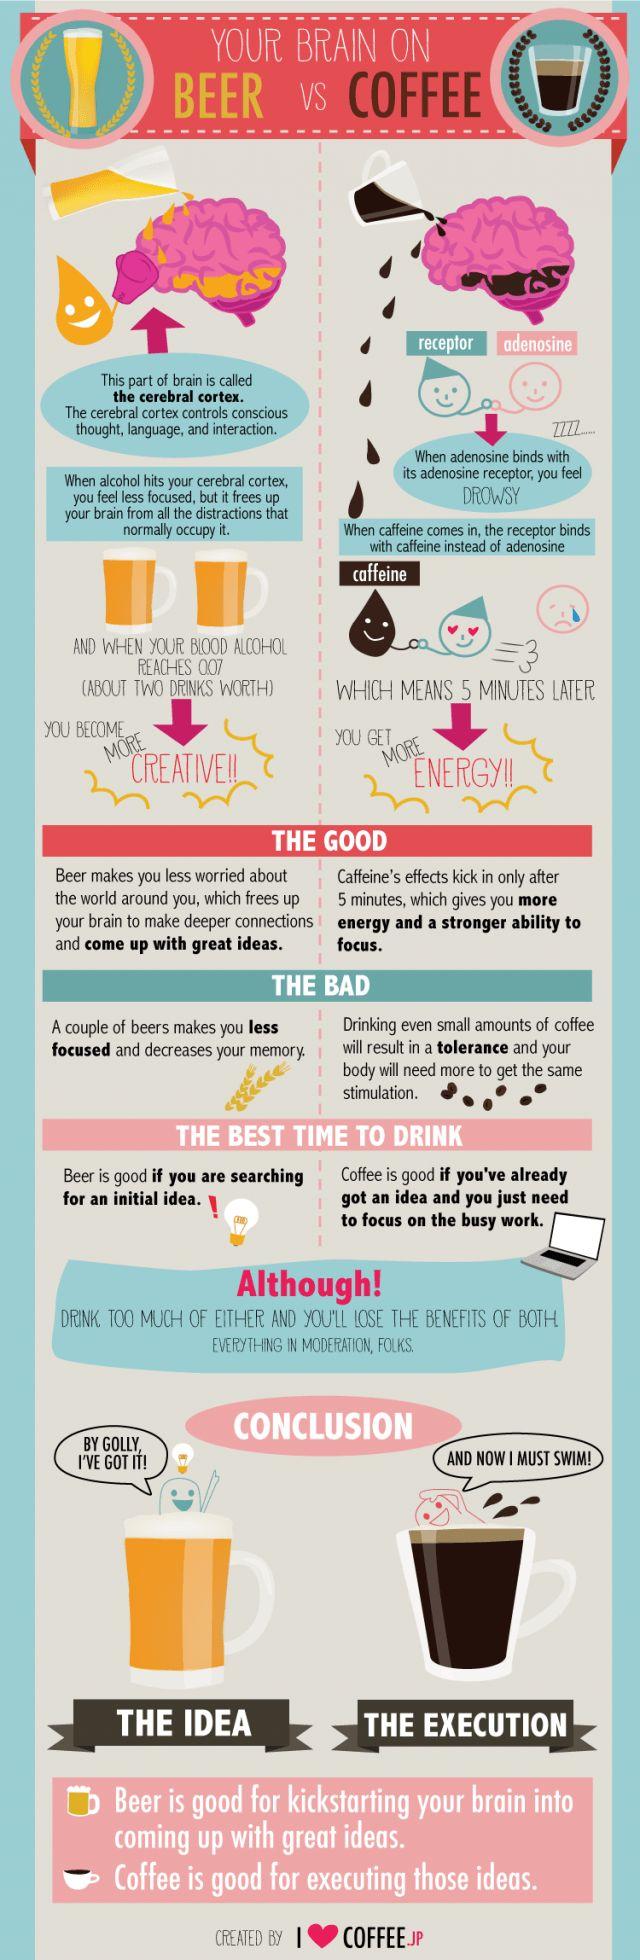 Waar reageren jouw hersenen beter op. Koffie of bier? Op 42Bis delen we dagelijks de meest interessante infographics die we tegenkomen. Dikke kans dat er o